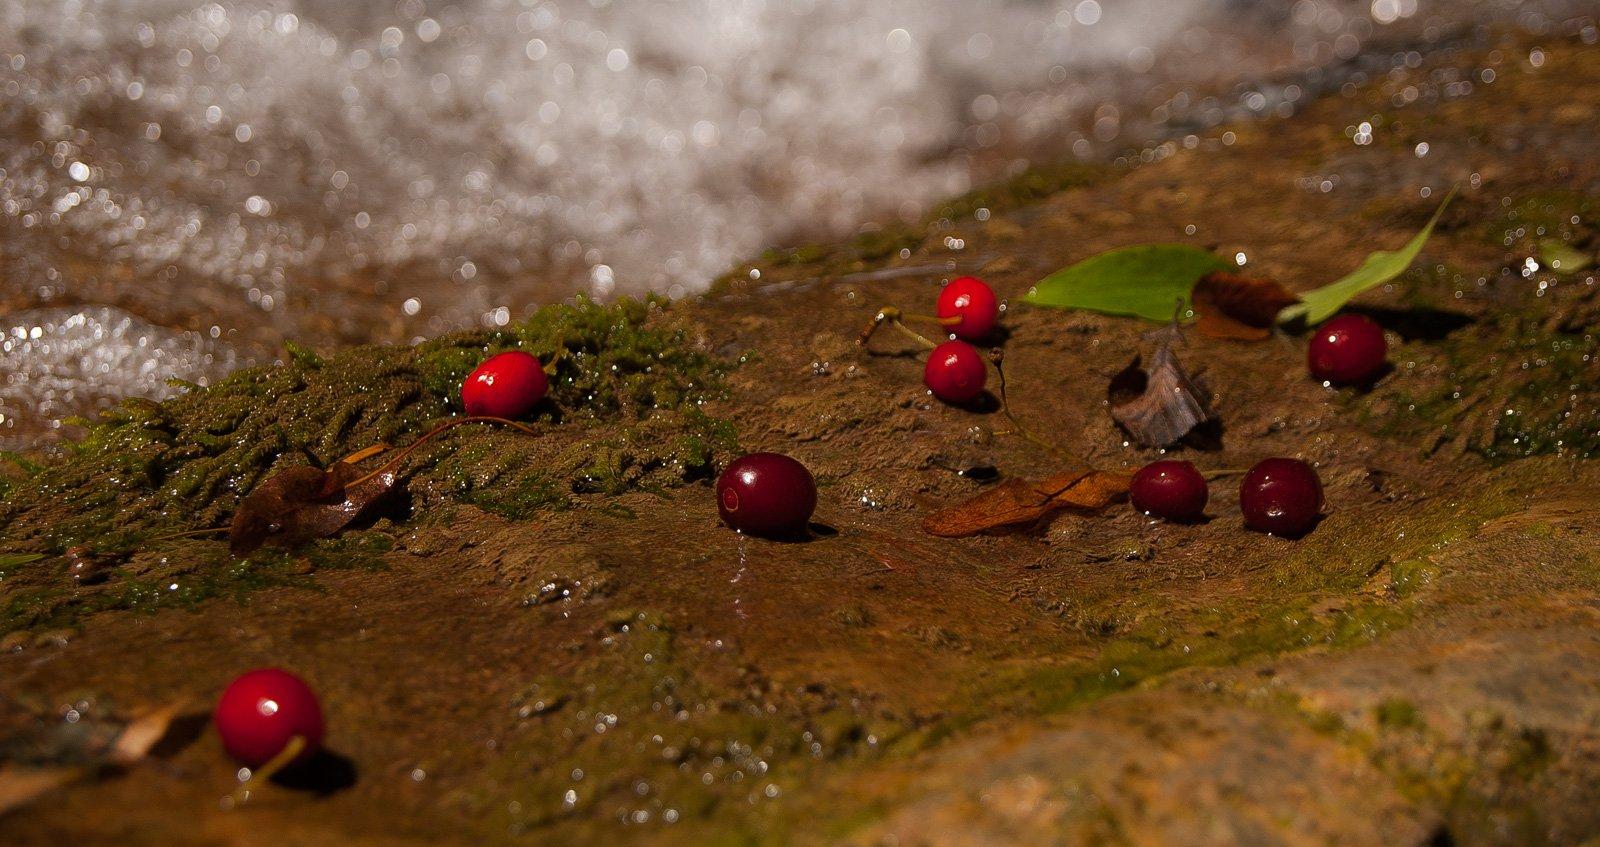 Опавшие плоды кизила на краю потока